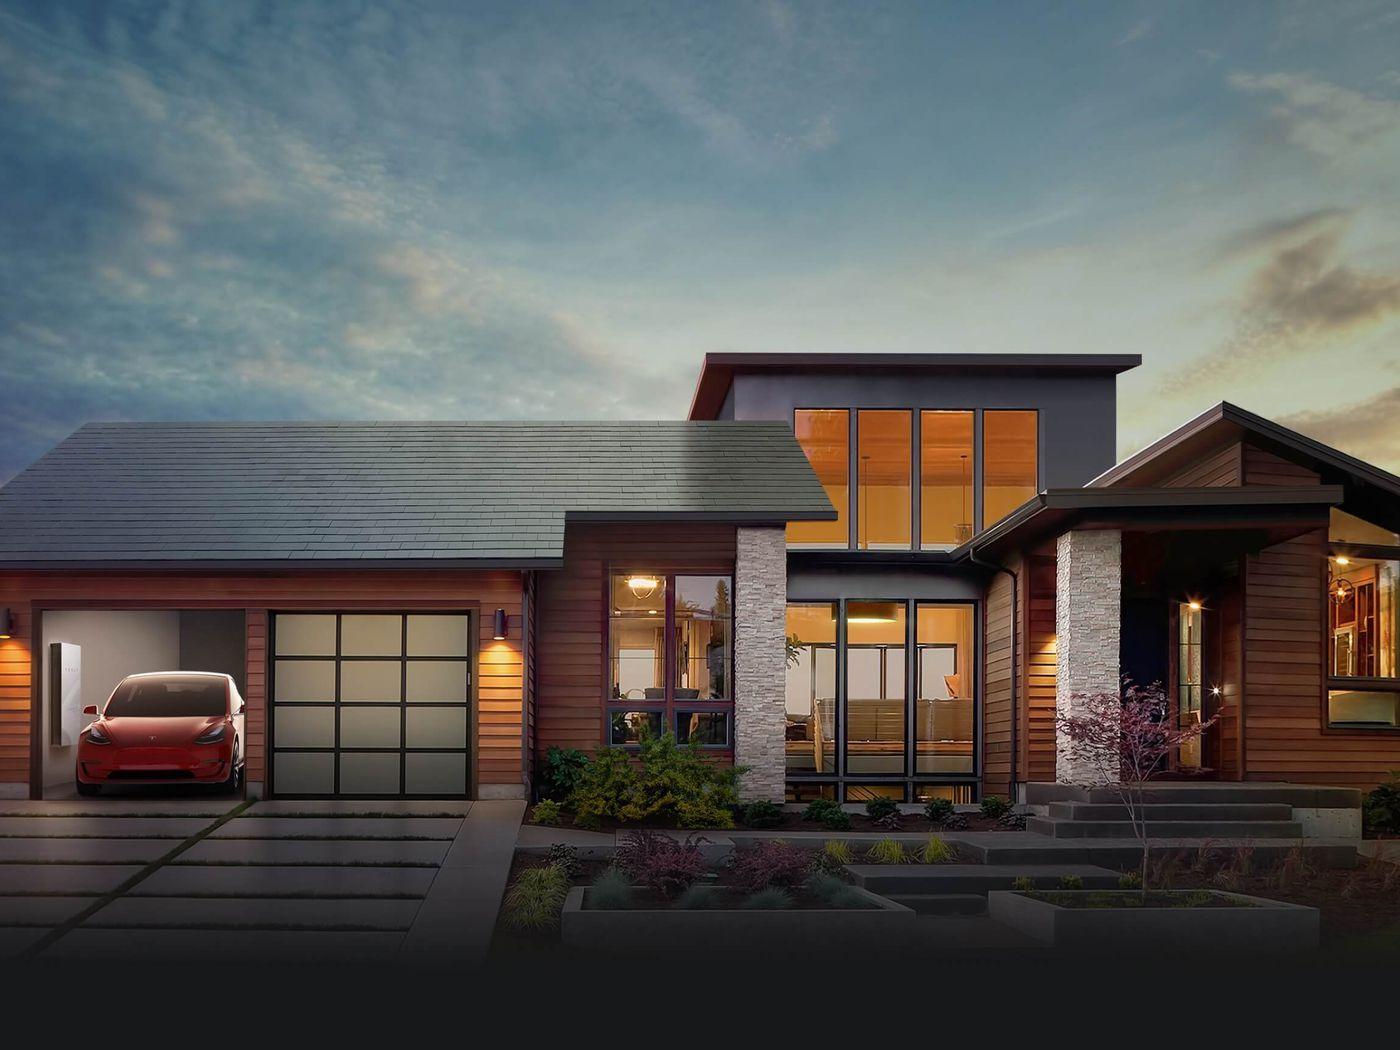 Casa com um telhado solar e um veículo elétrico na garagem, ambos da companhia Tesla Inc., do milionário Elon Musk. (Foto: Tesla)